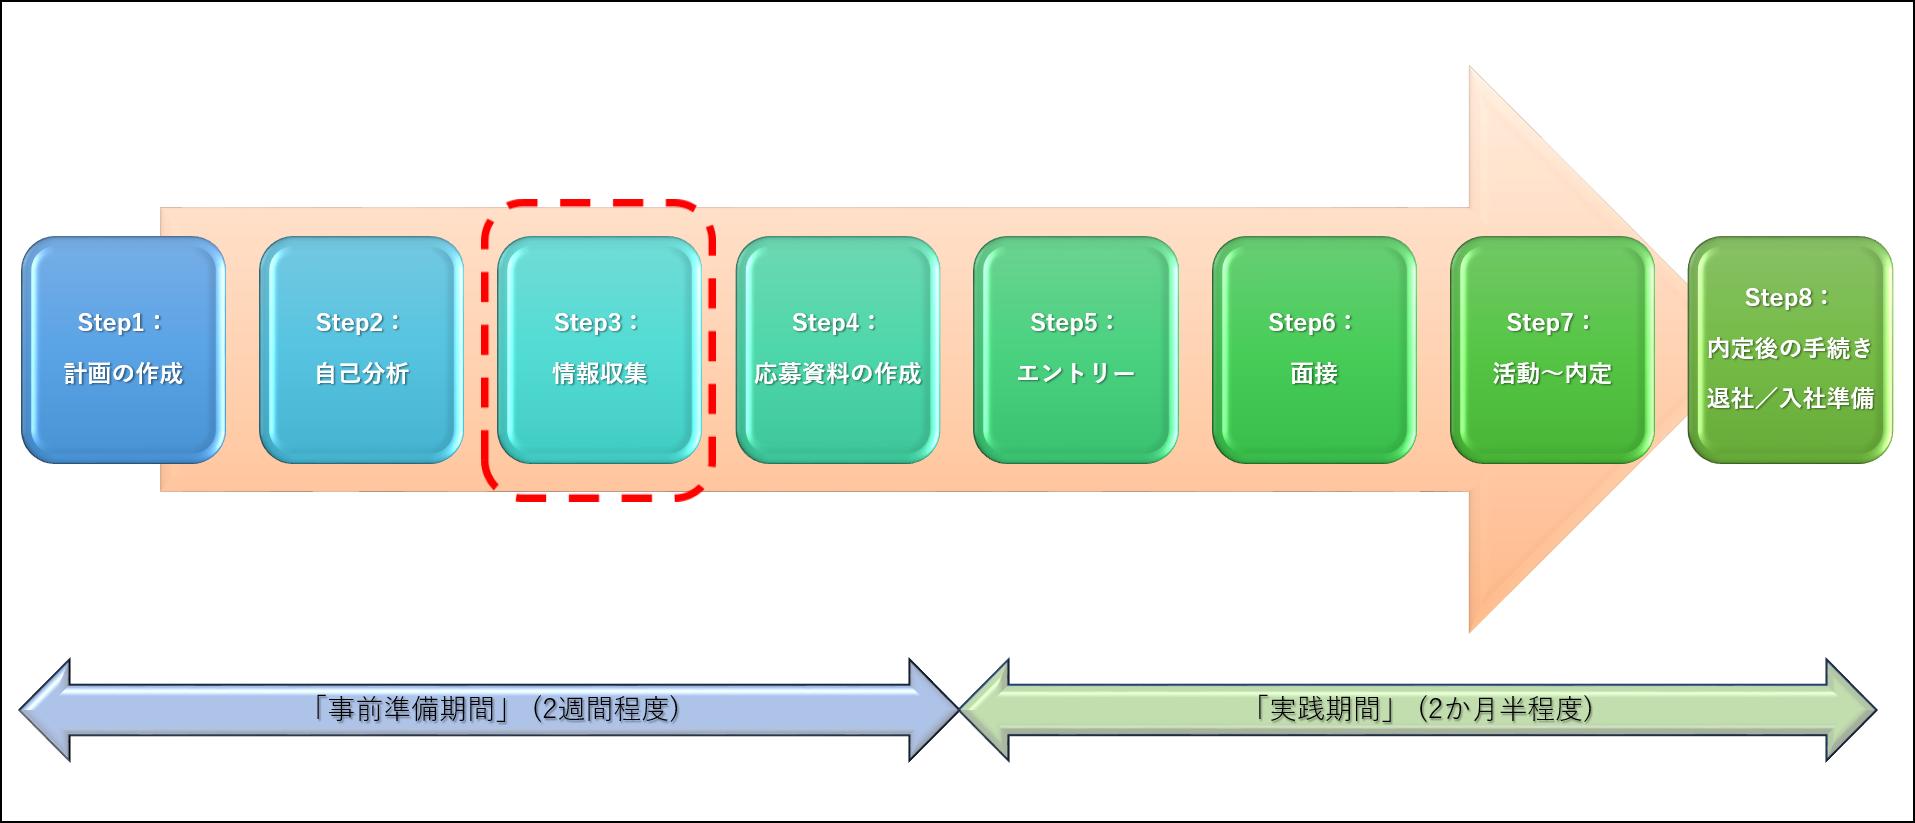 転職活動のStep3:情報収集のイメージ図